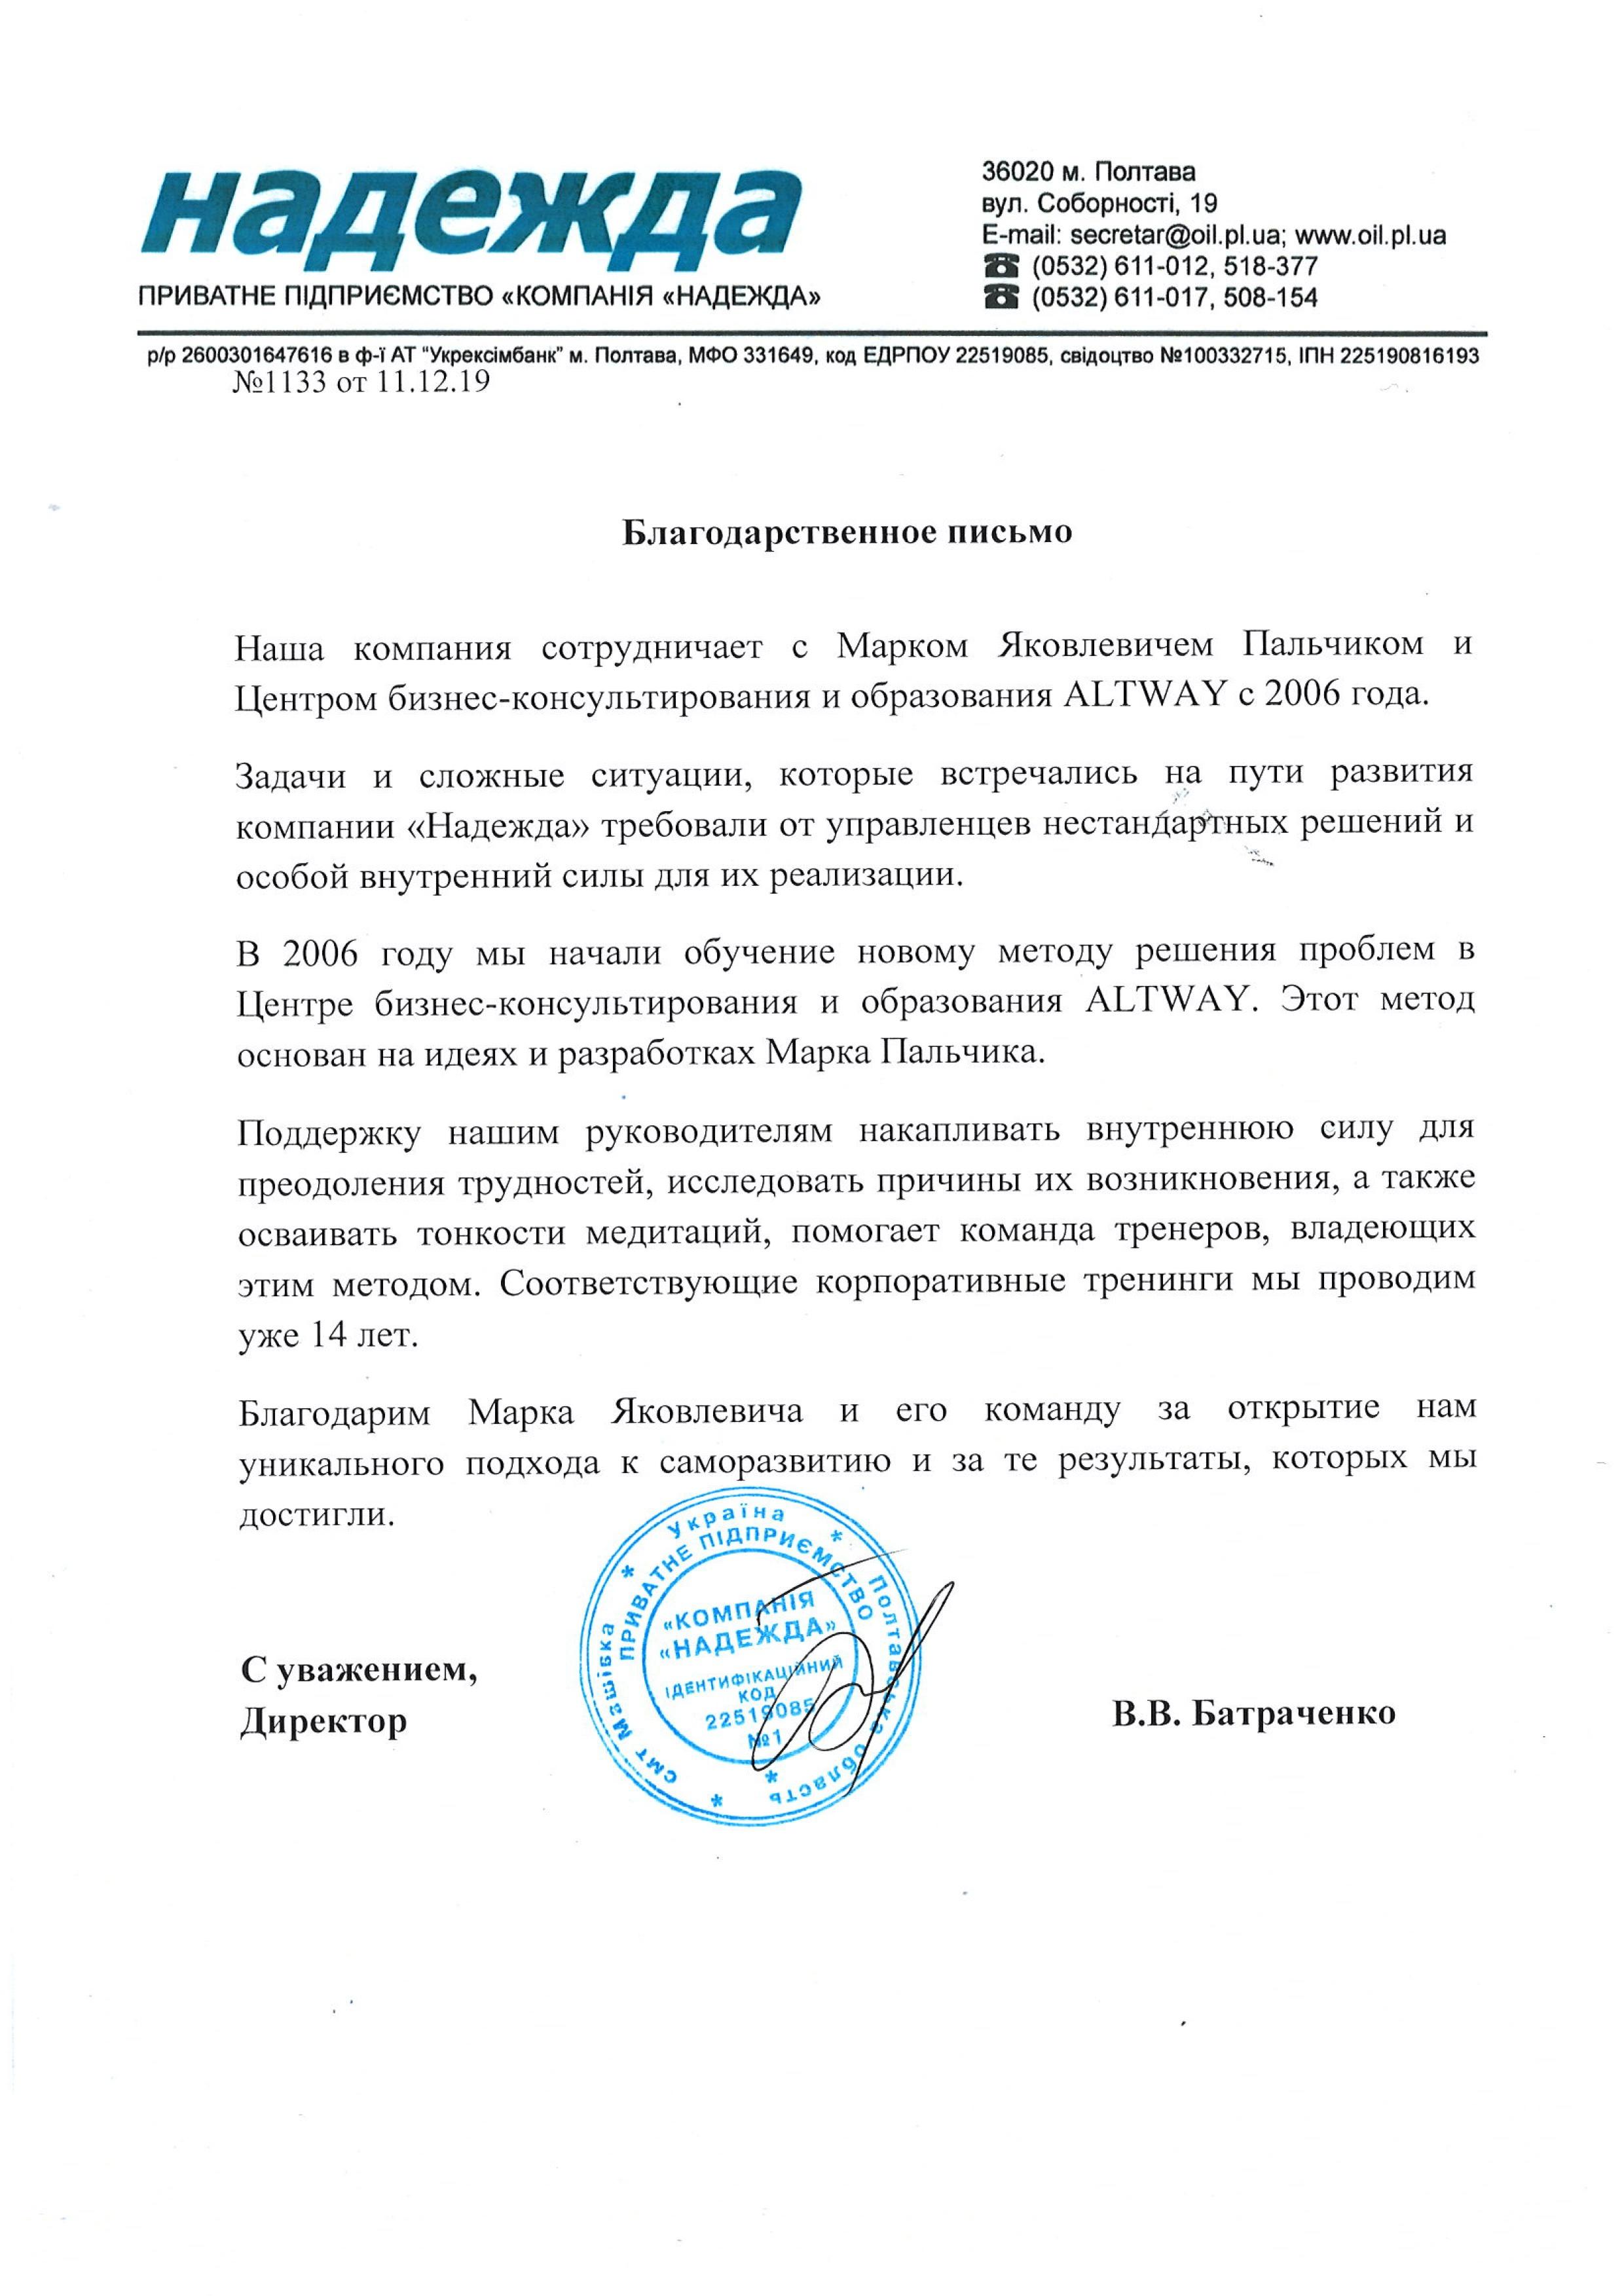 blagodarstvennoe pismo Palchik M.YA. 1133 ot11.12.19 Виктор Батраченко